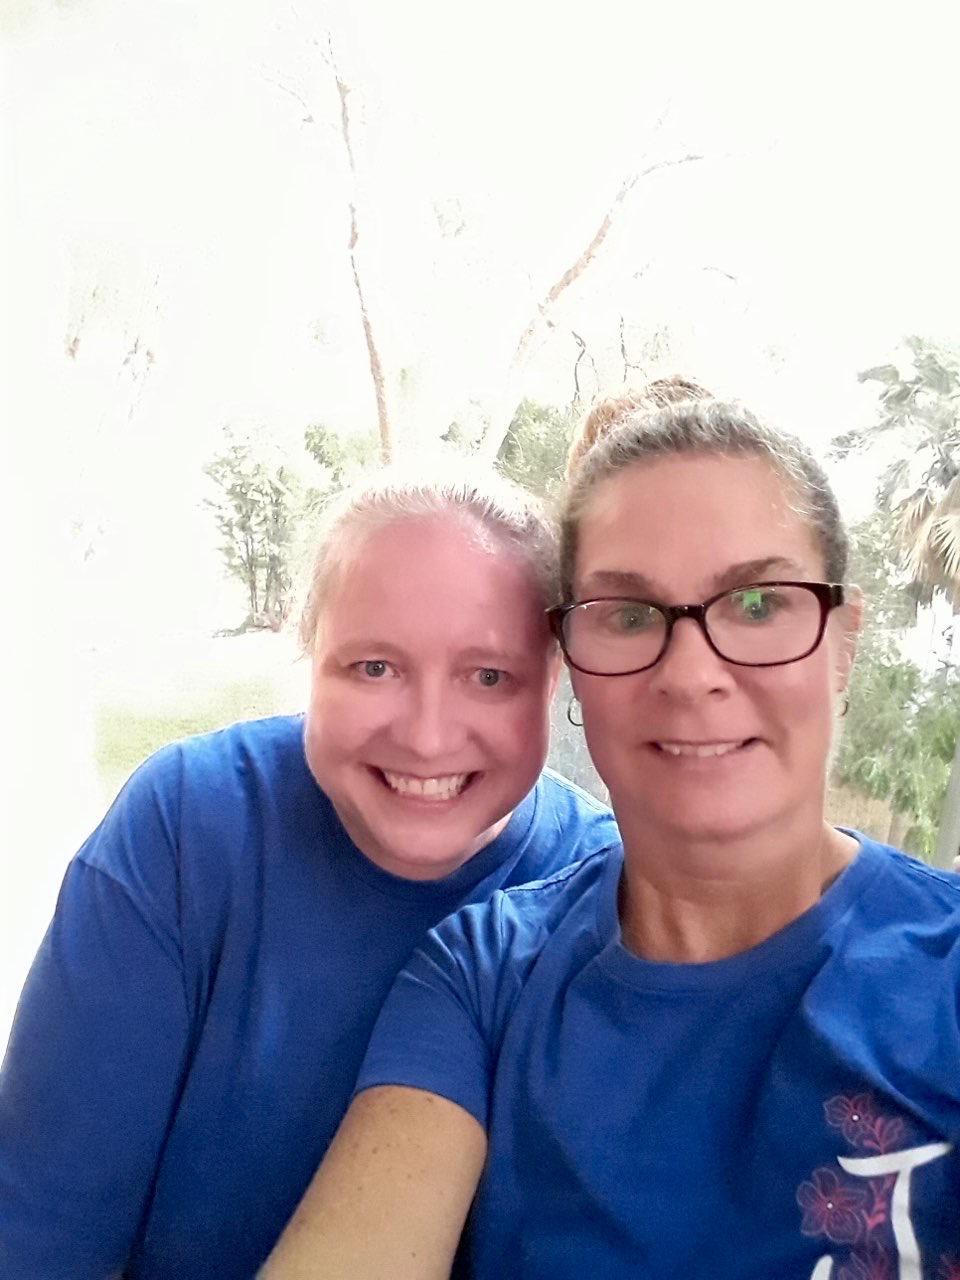 Lori & Norah (Djibouti)